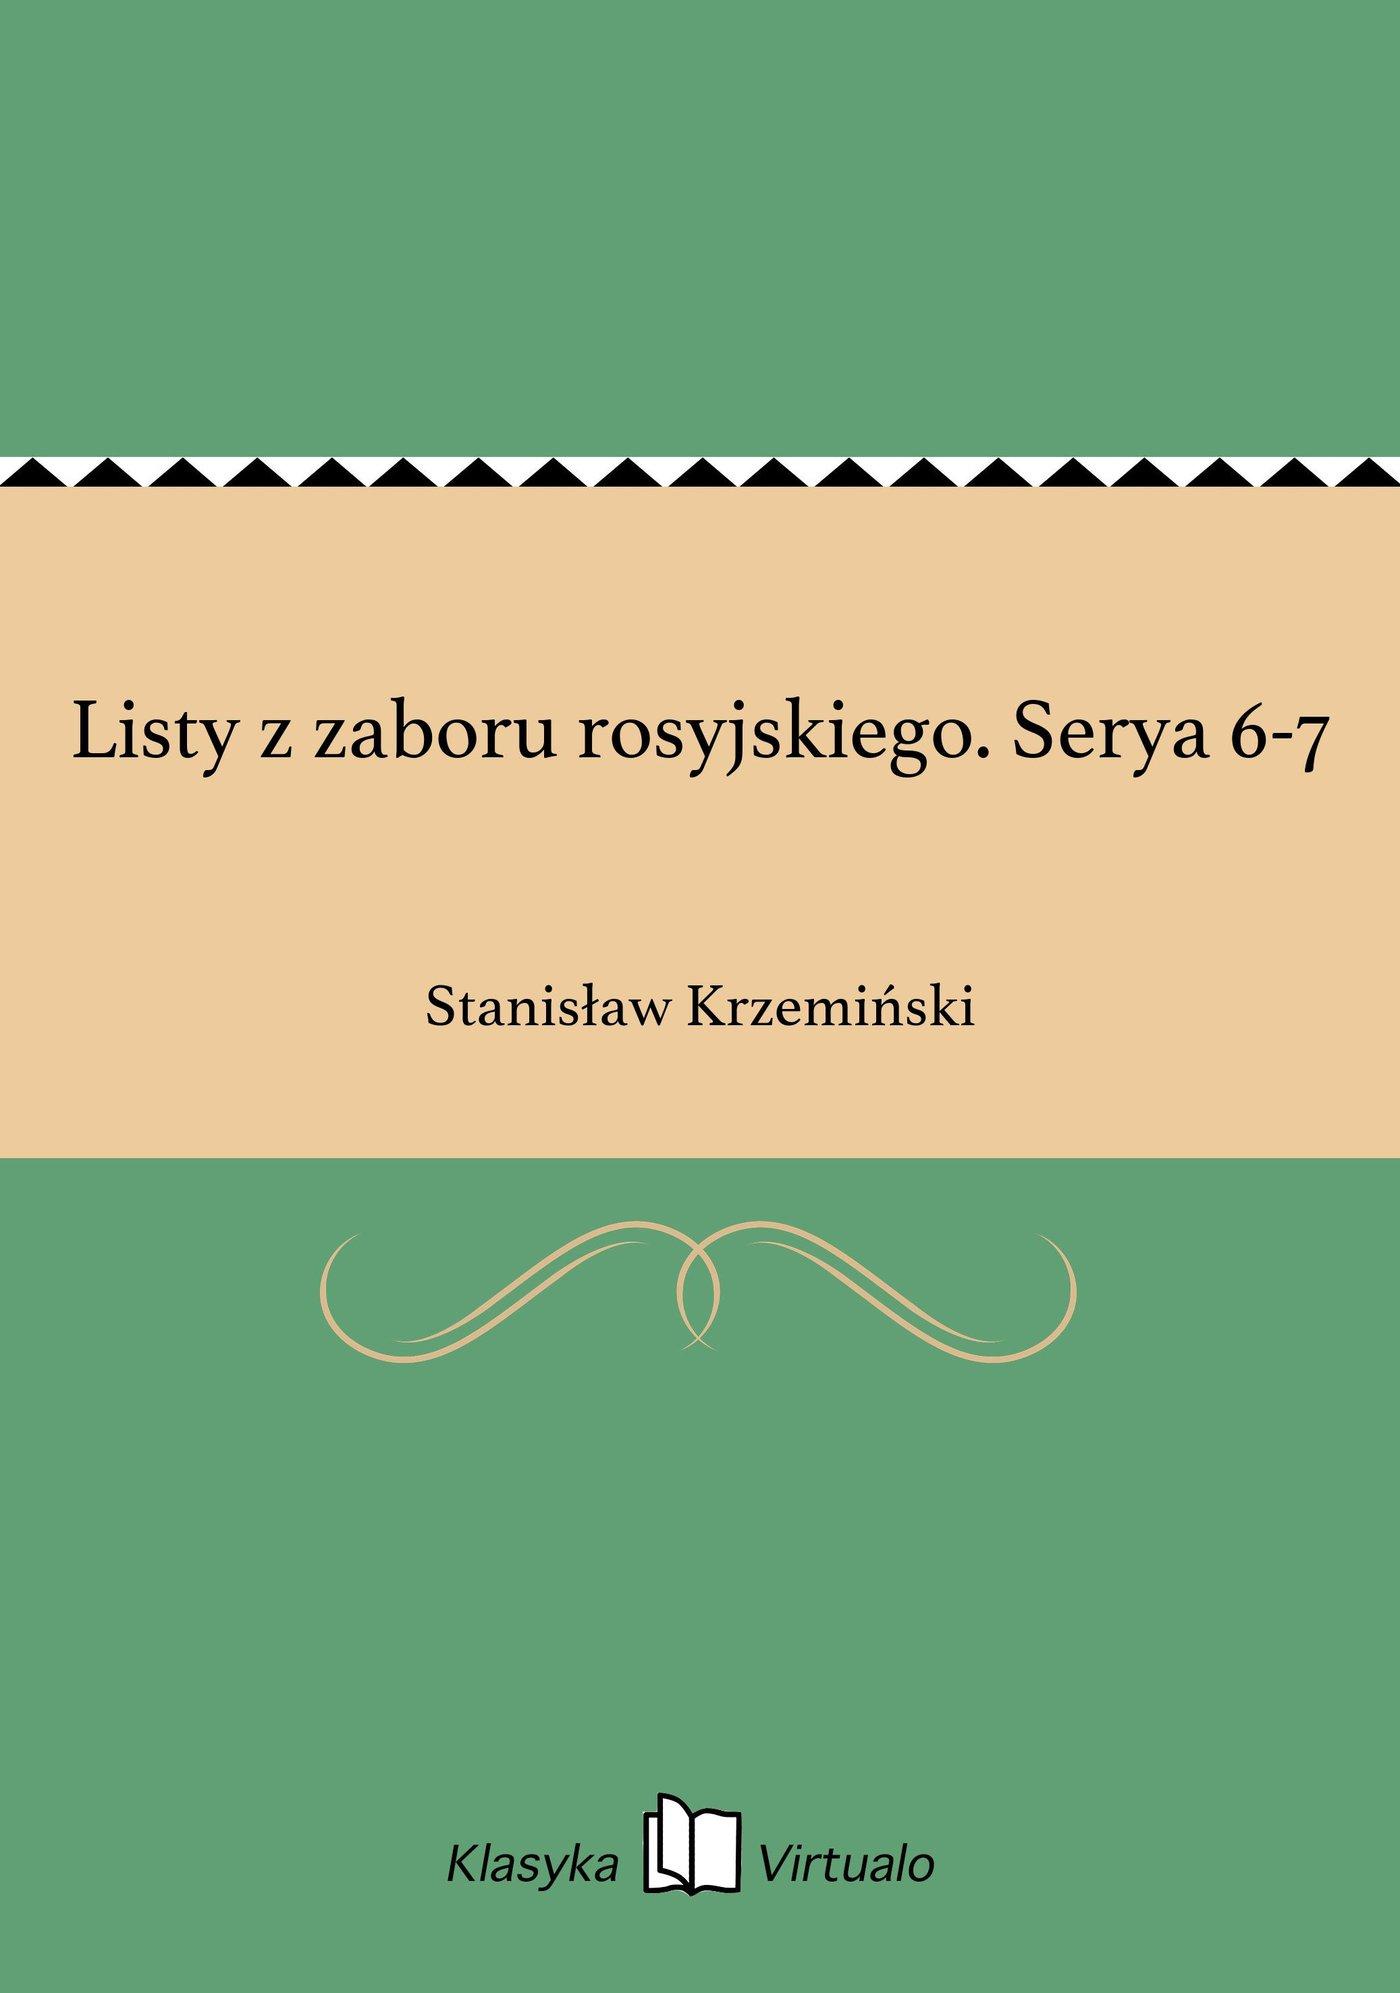 Listy z zaboru rosyjskiego. Serya 6-7 - Ebook (Książka EPUB) do pobrania w formacie EPUB